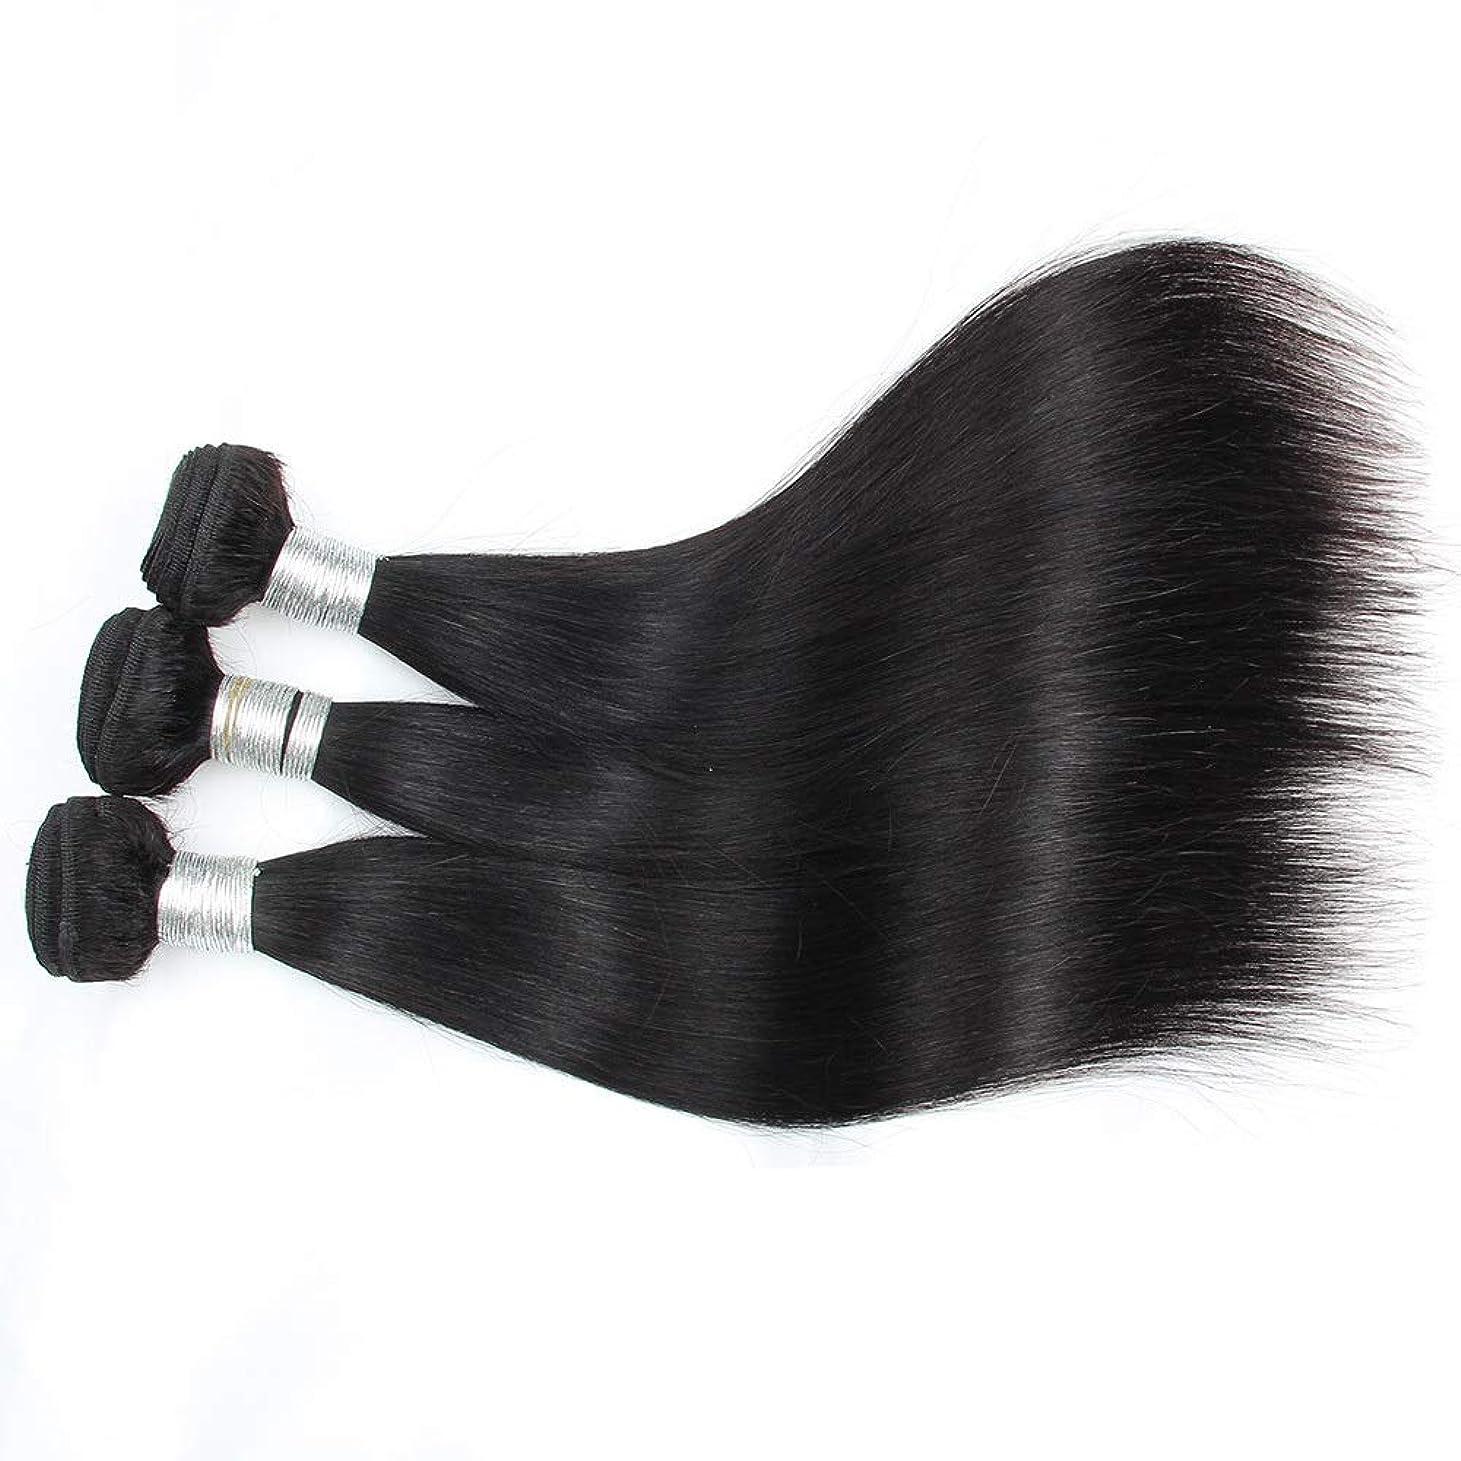 家主非アクティブ放つHOHYLLYA ブラジルの人間の髪織り1バンドル100%人毛エクステンションナチュラルブラックカラー横糸10-28インチロングストレートヘアウィッグウィッグ (色 : 黒, サイズ : 10 inch)